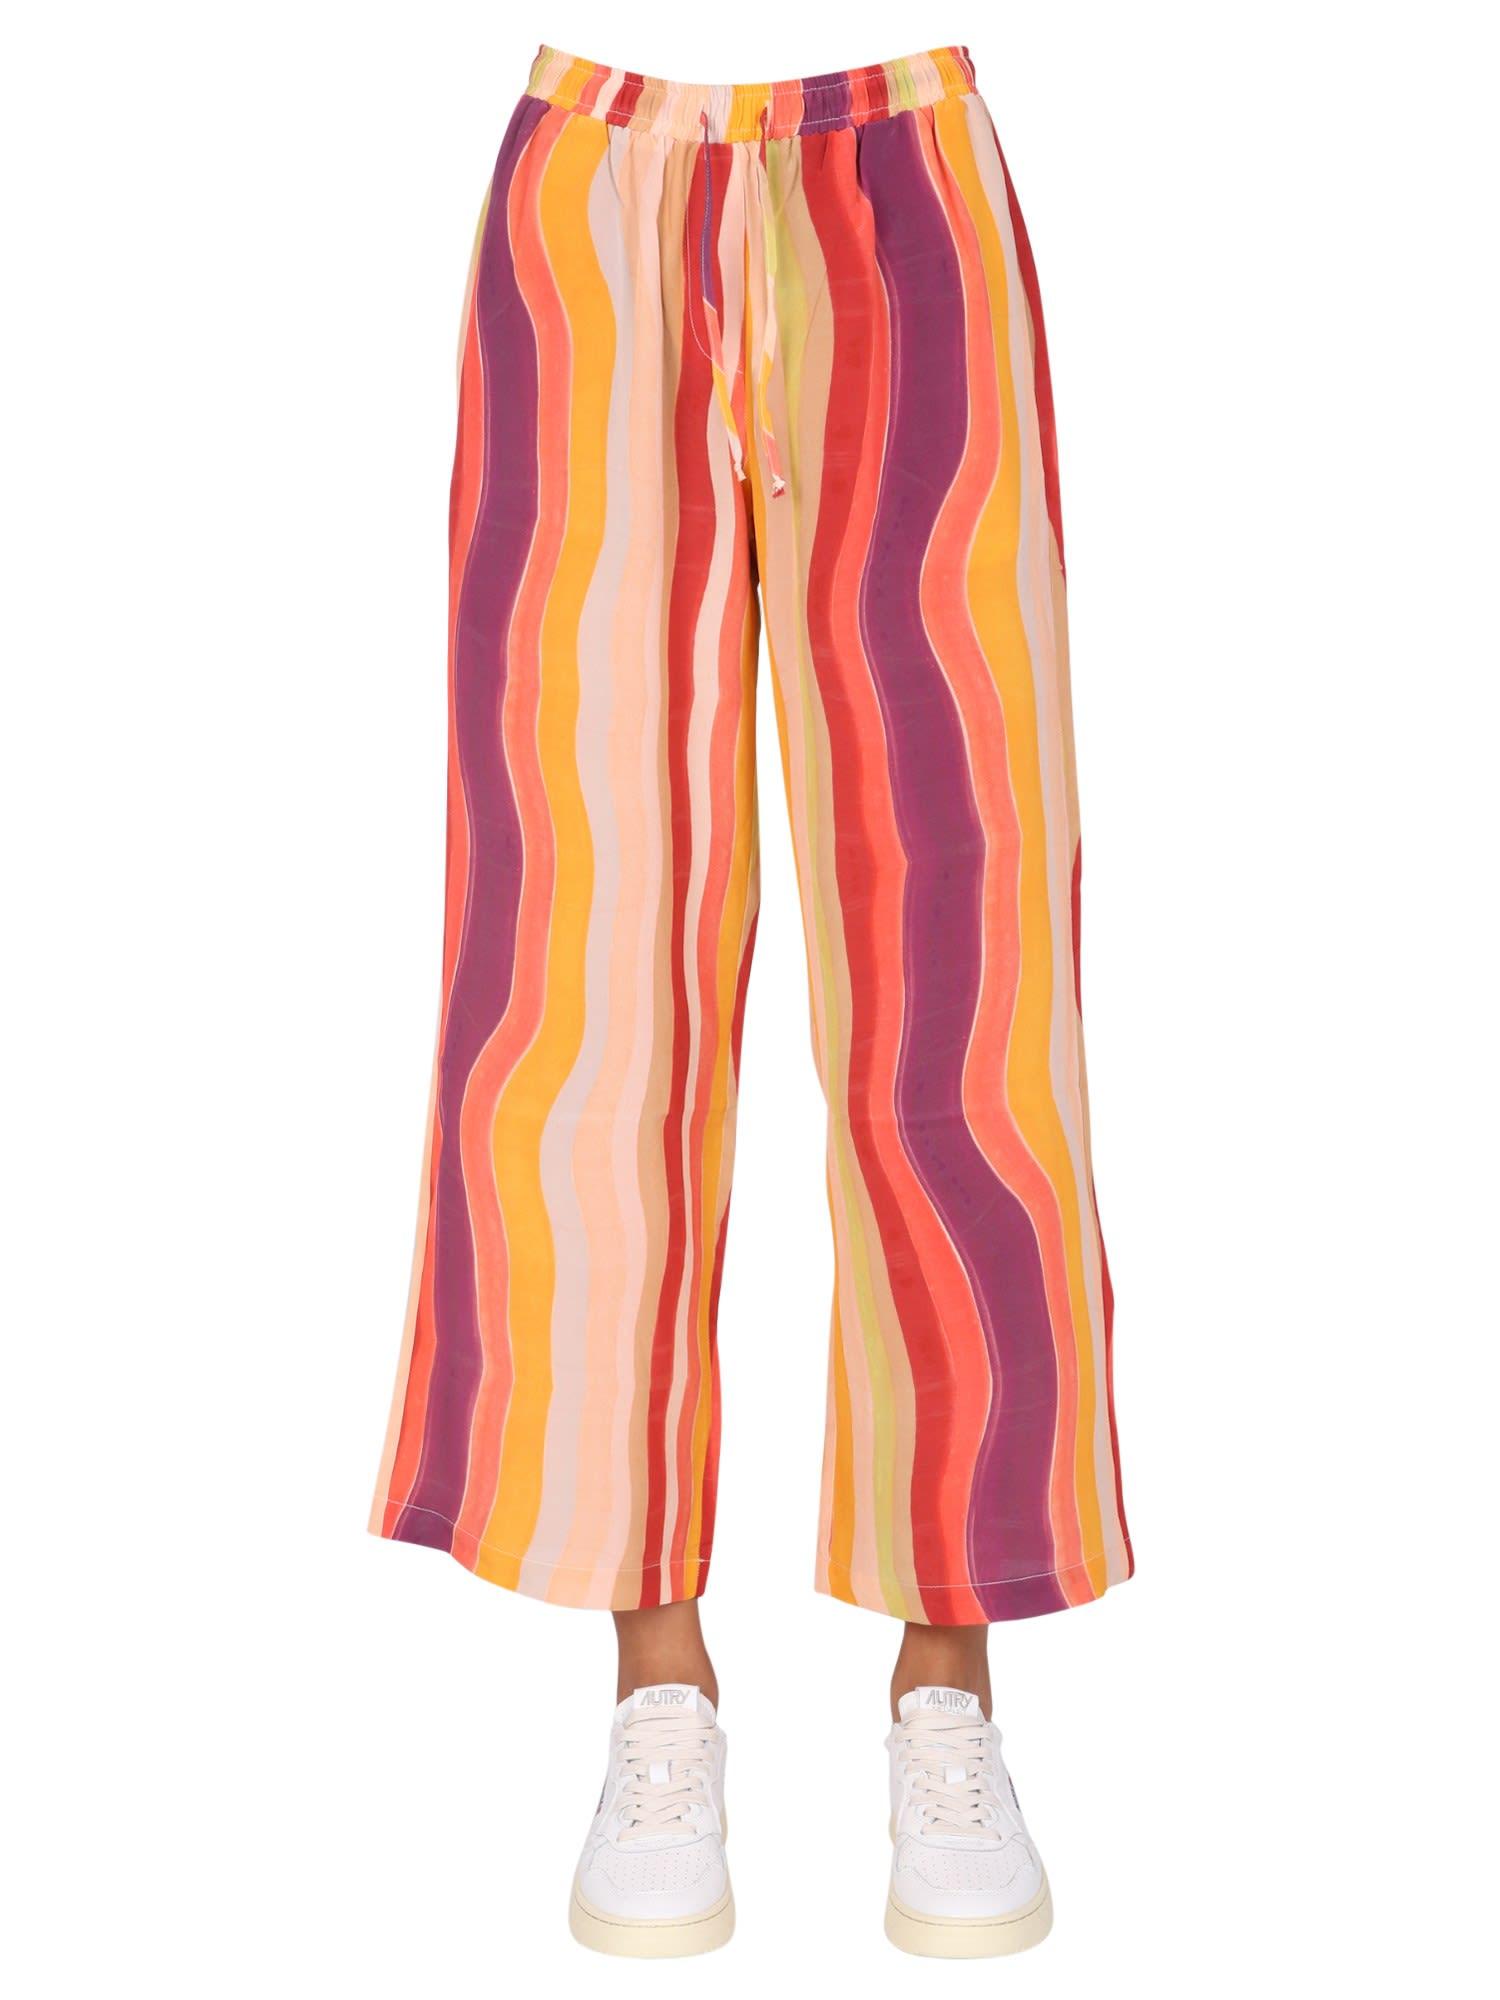 Wavy Pajamas Trousers